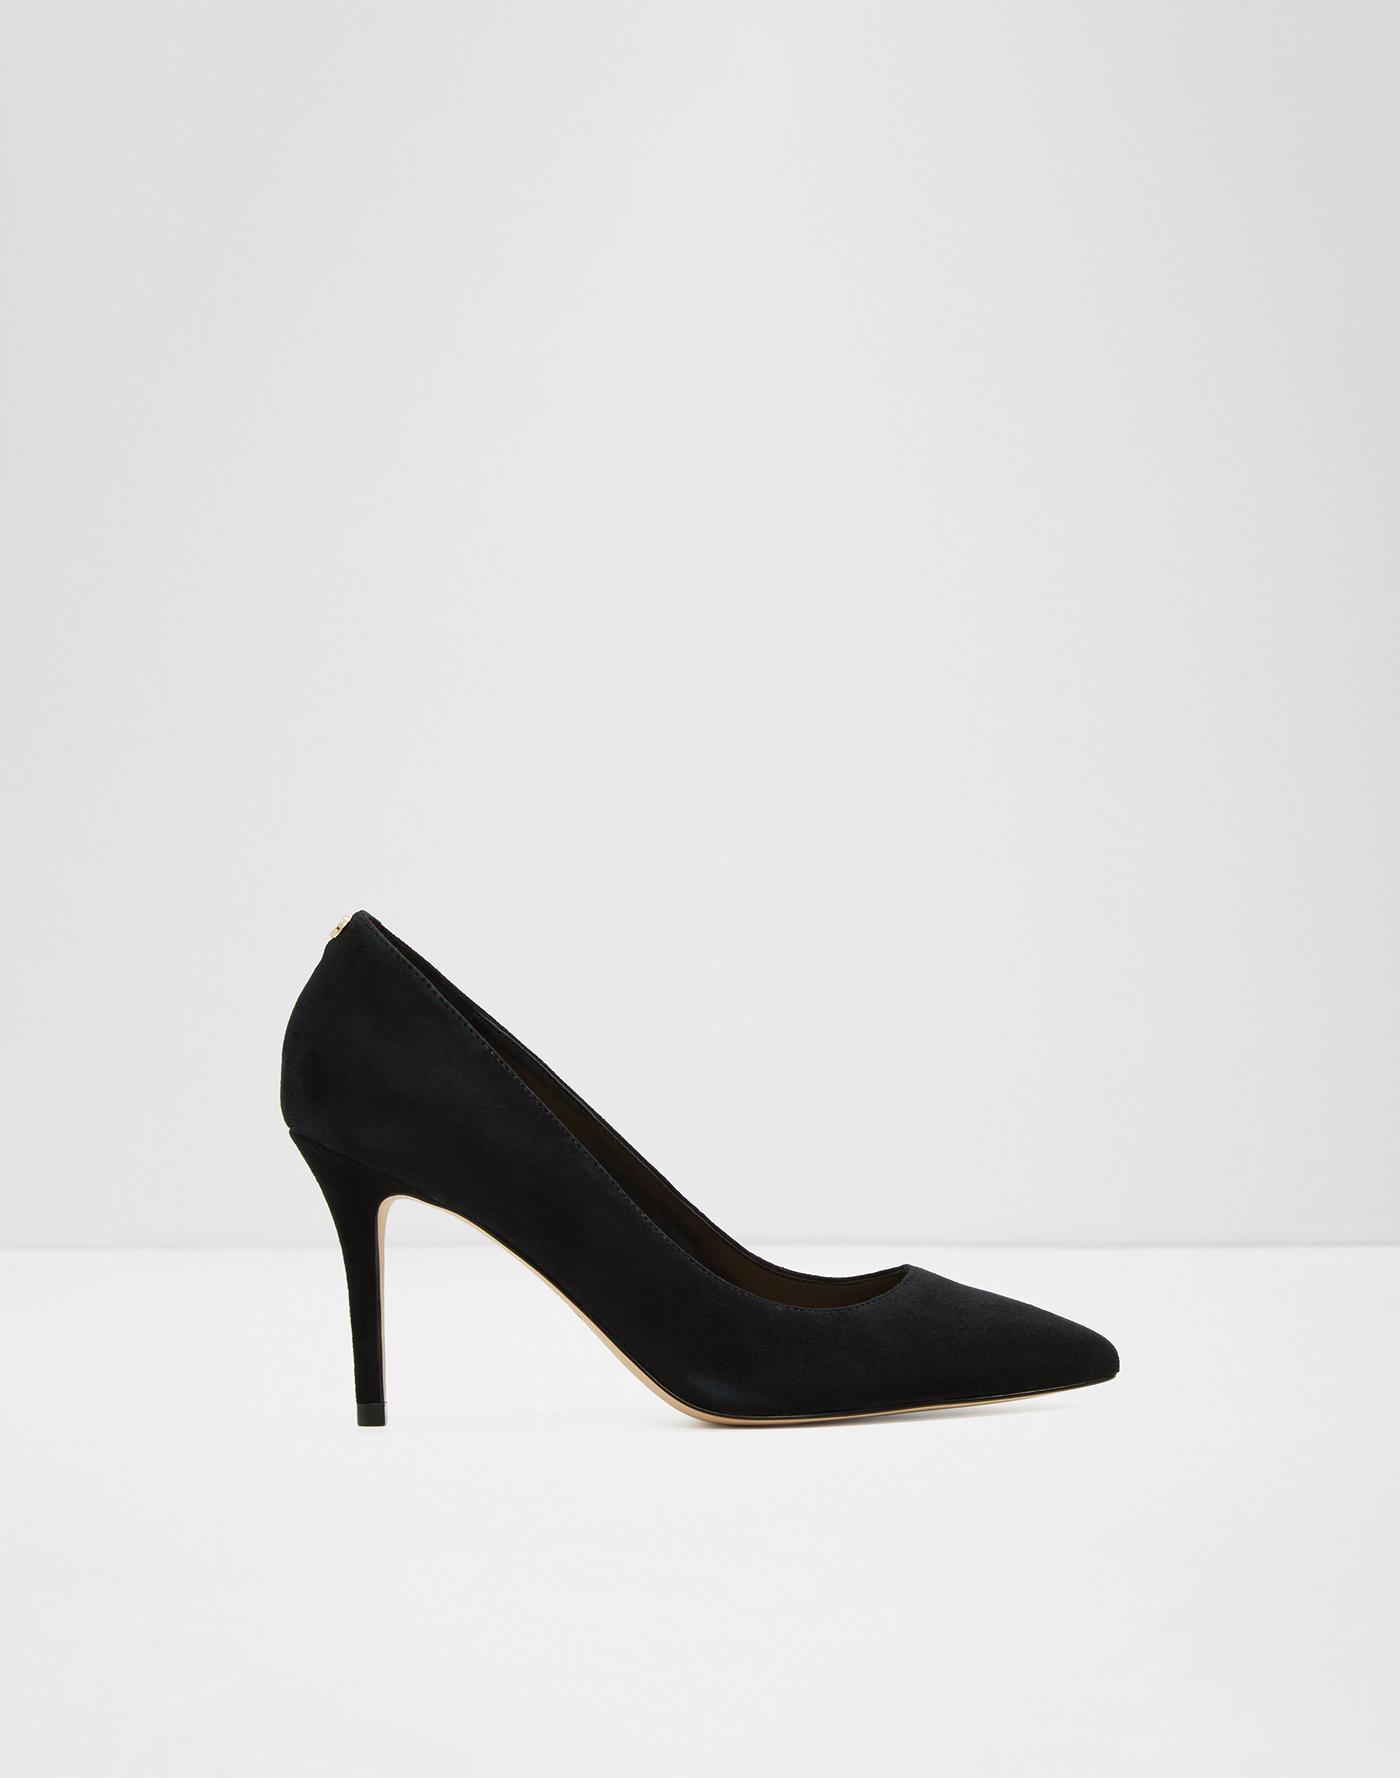 8c98caae4 Women's Shoes | Store Outlet | ALDO US | Aldoshoes.com US